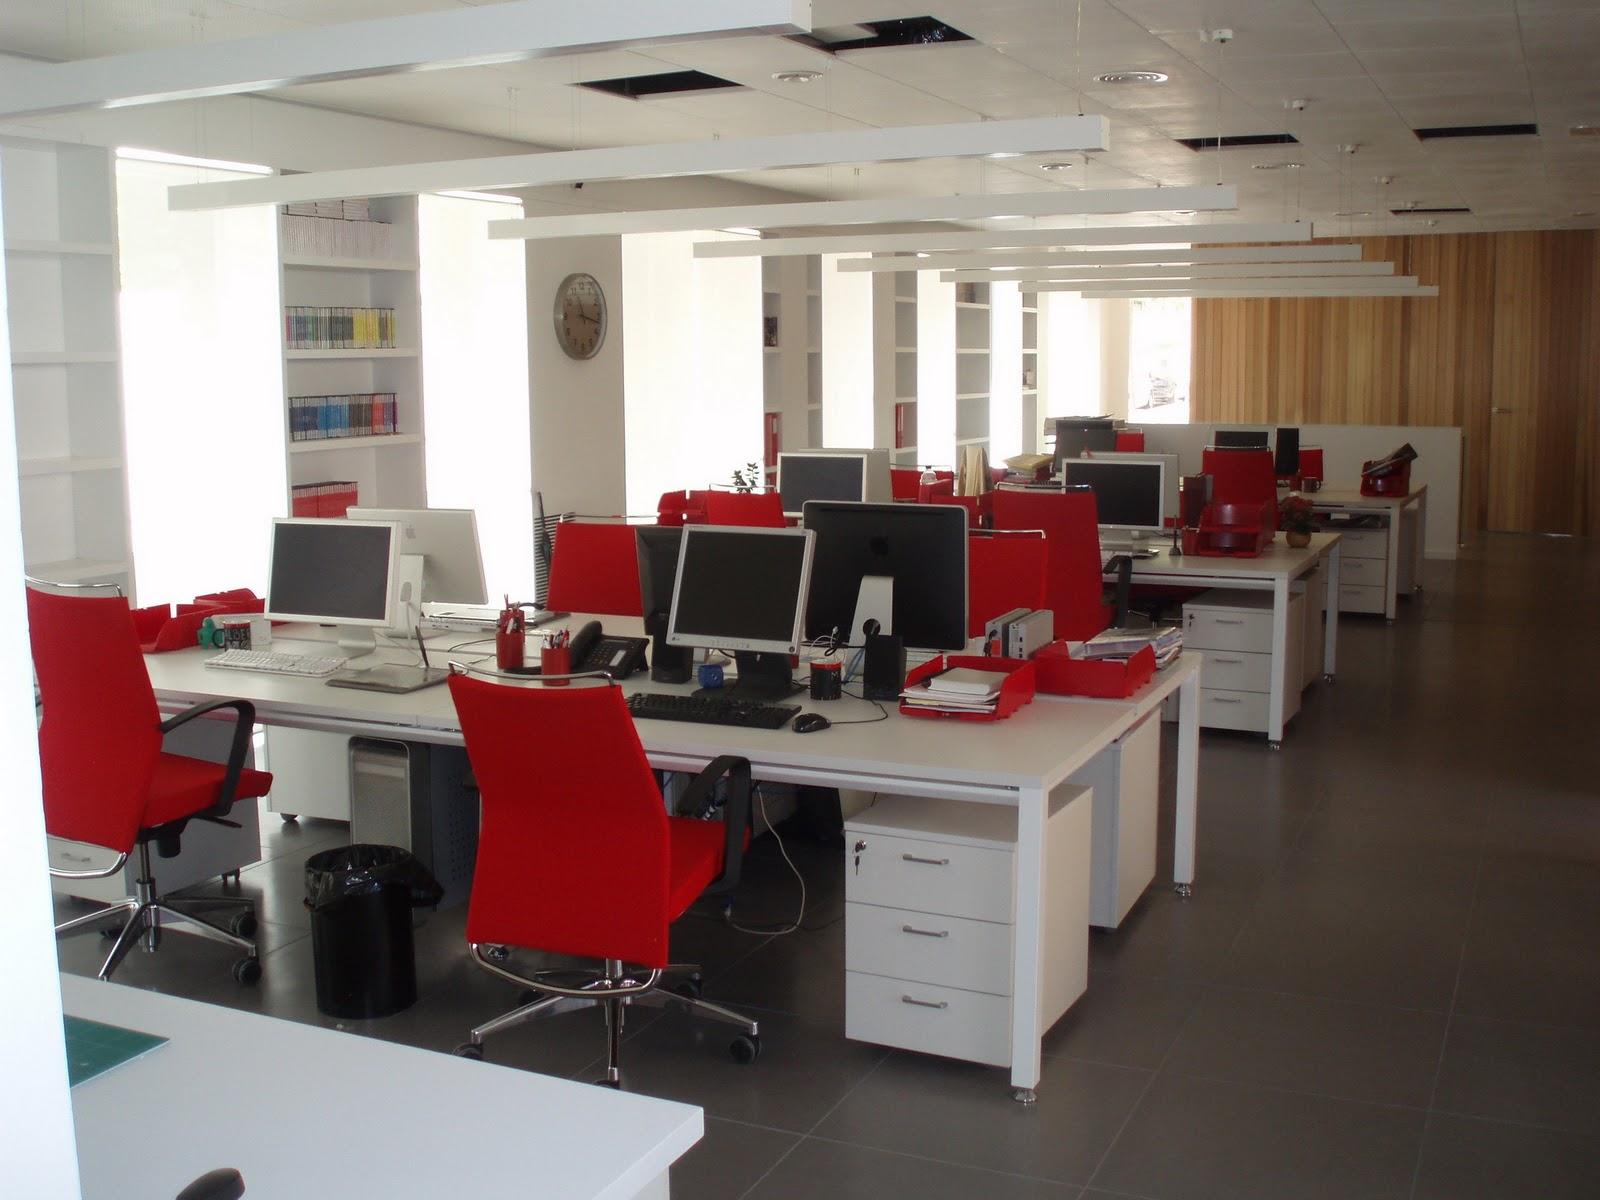 Arquitectura e ingenier a oficinas for Oficinas modernas planos